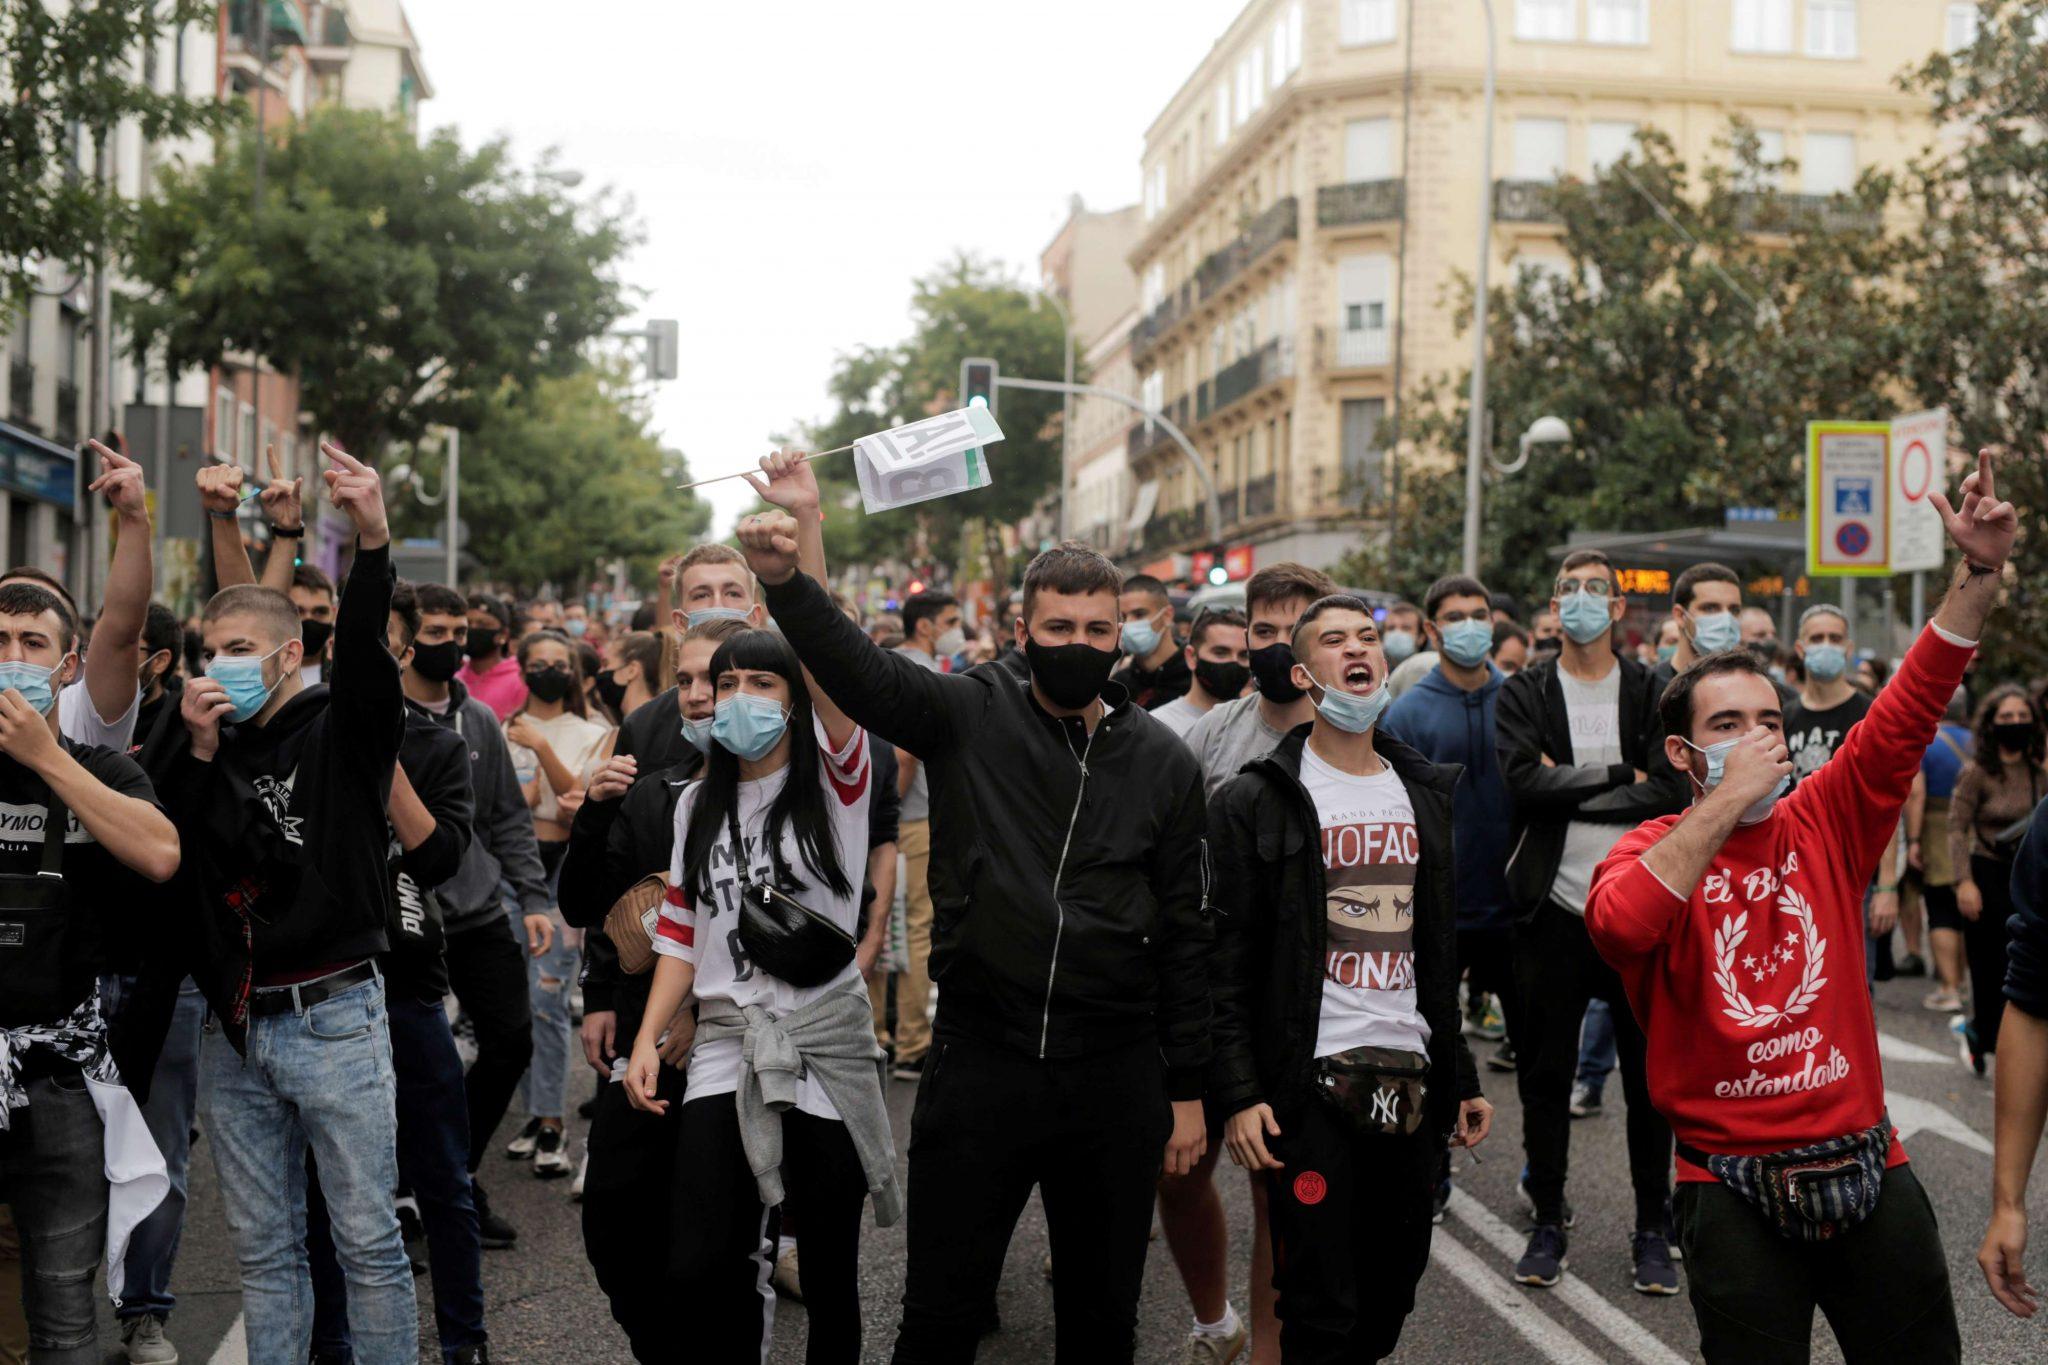 صورة الآلاف يحتجون في إسبانيا على تطويق مناطق لوقف انتشار كورونا